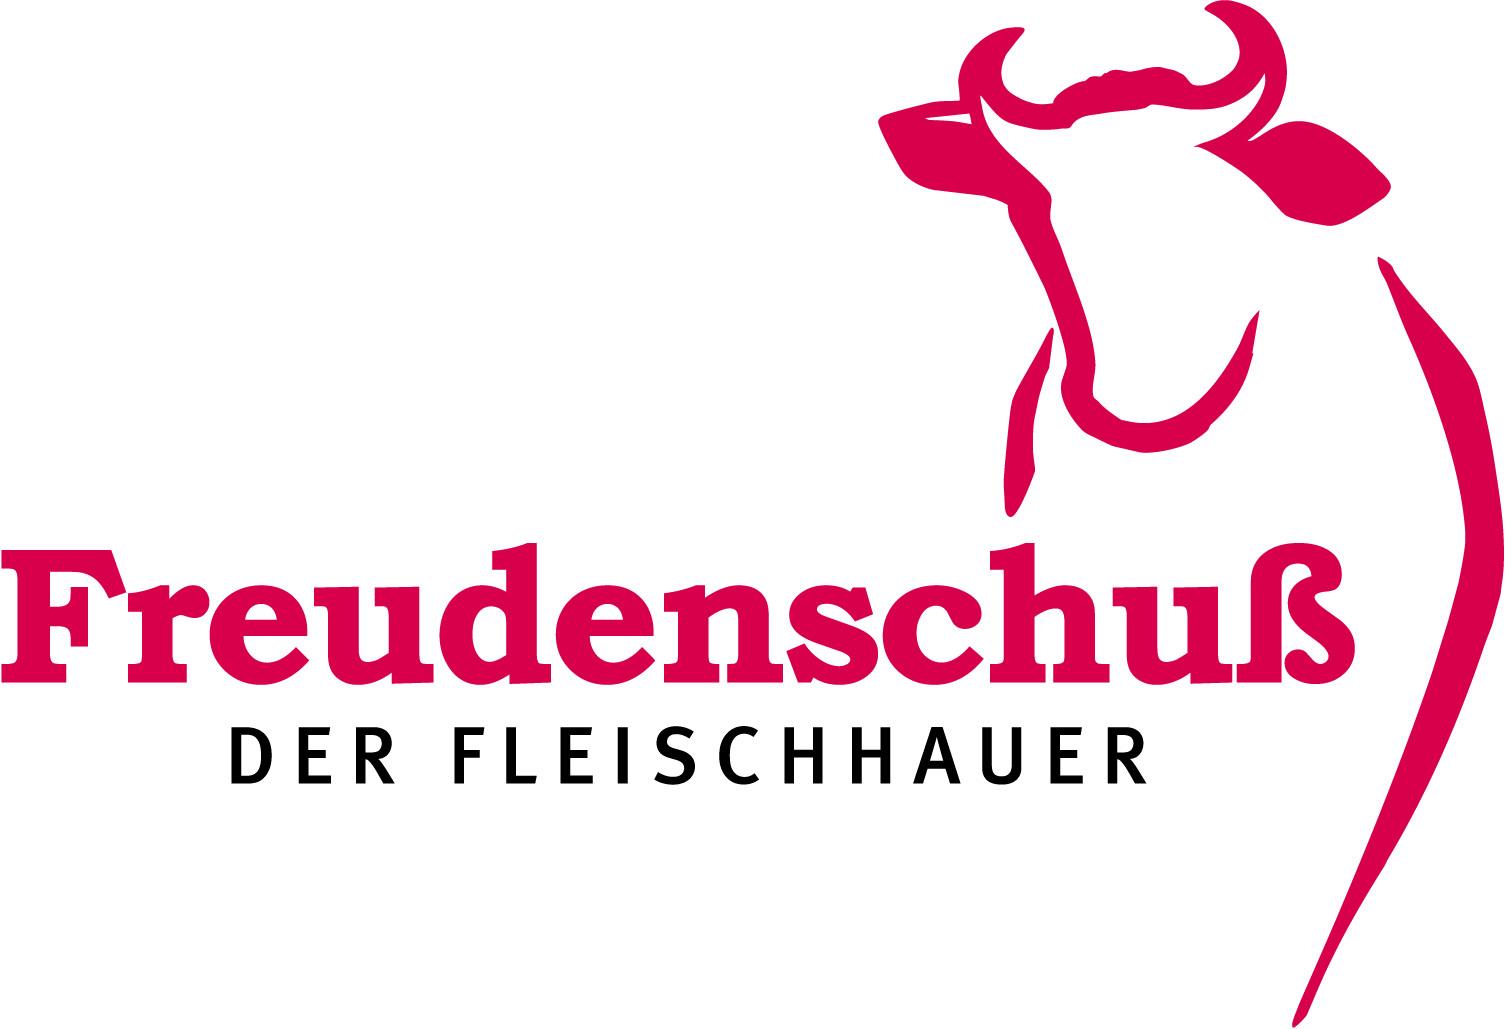 Fleischerbetrieb Freudenschuss Mostviertel Partner Bäckerei Konditorei Danecker